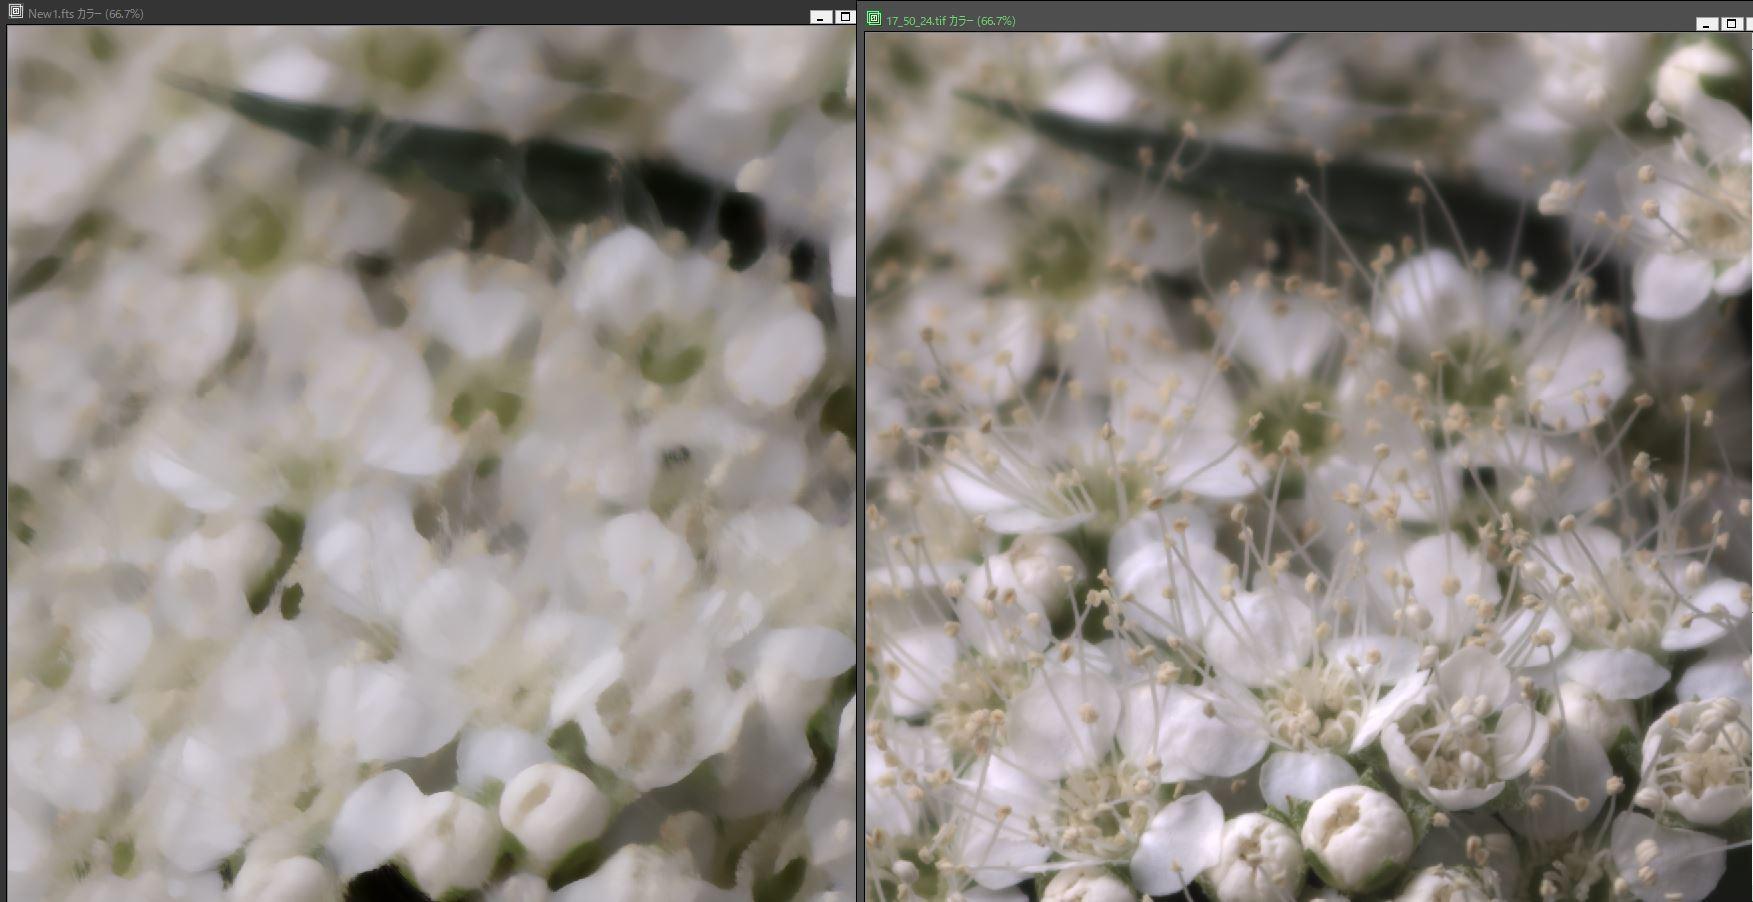 天体望遠鏡でお庭の花を撮る遊び_f0346040_22001367.jpg